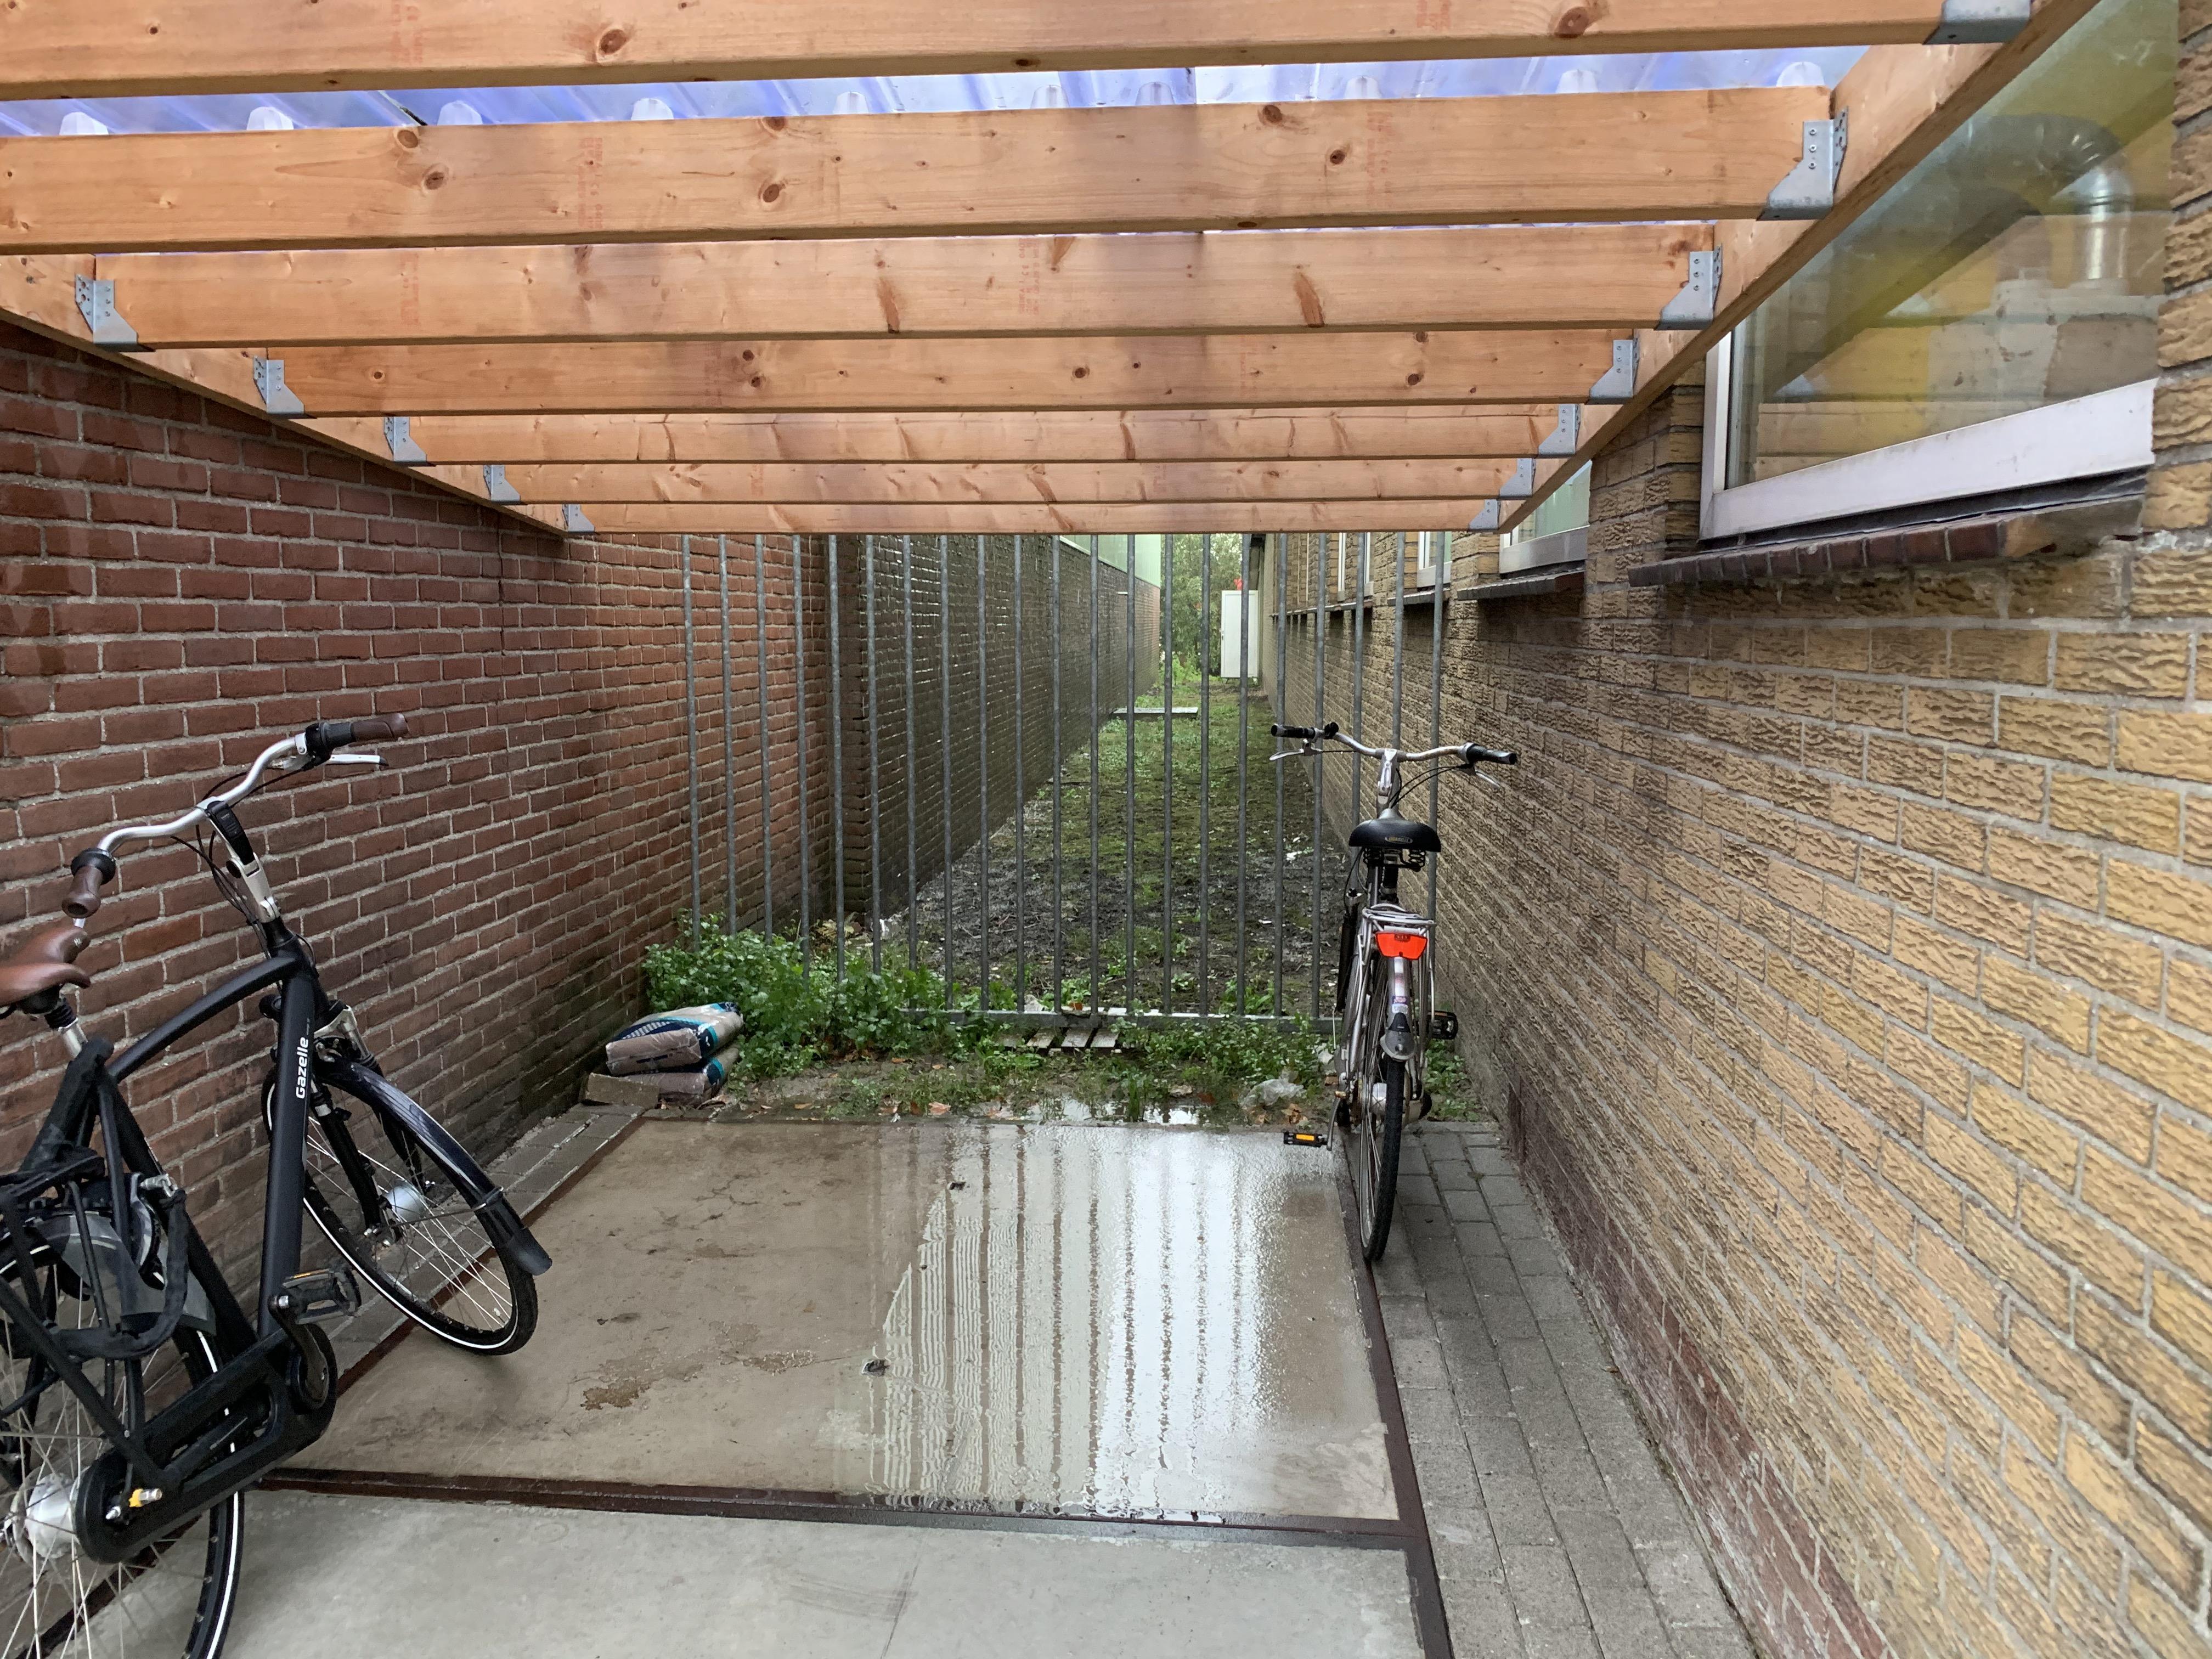 Lekker anoniem, amper sociale controle: Dat maakt bedrijfsunits op Gildenweg in Blokker aantrekkelijk voor hennepkwekerij